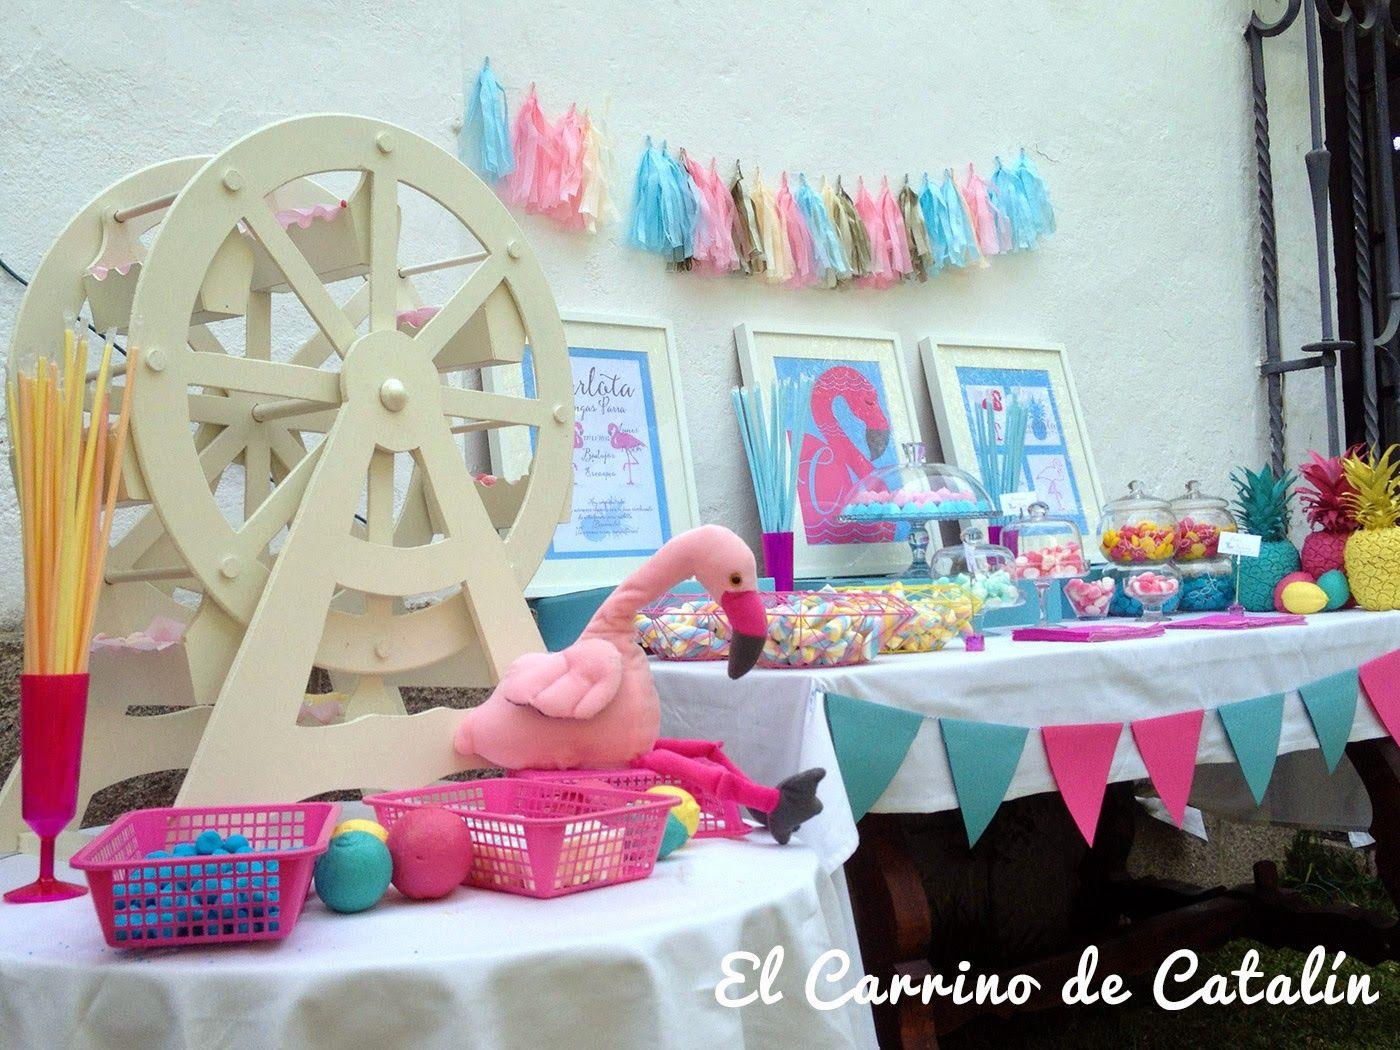 Bautizo tropical decoraci n de mesa de ni os y de mesa de for Decoracion bautizo